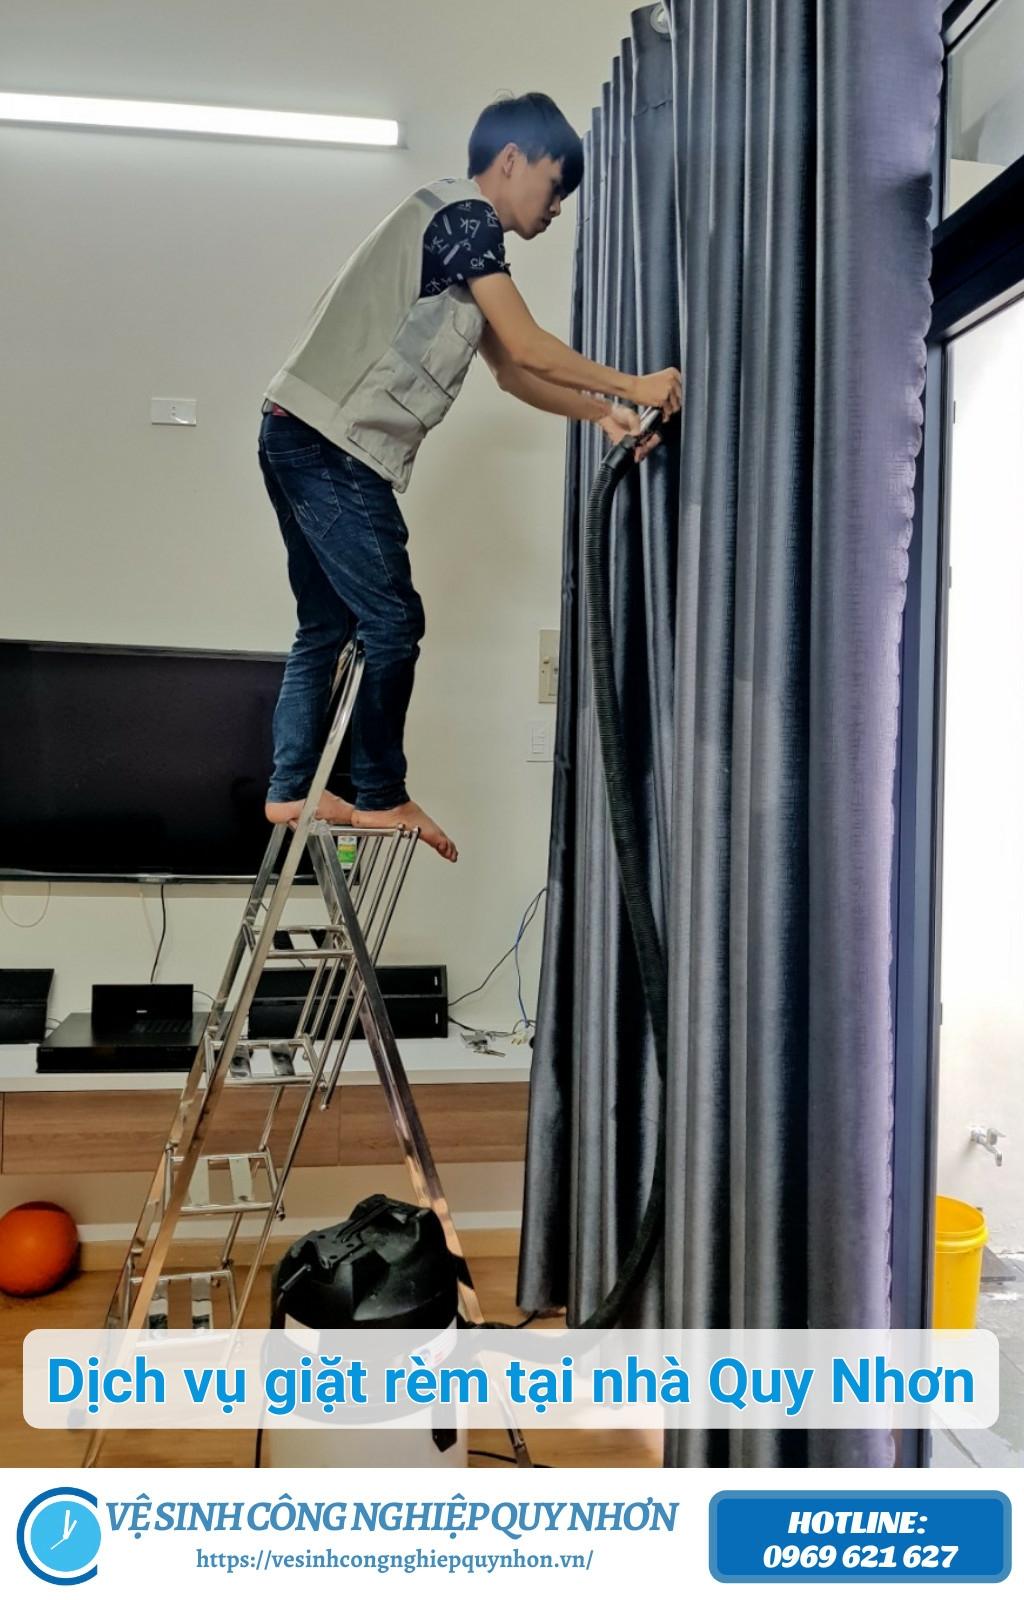 Dịch vụ giặt rèm tại nhà quy nhơn